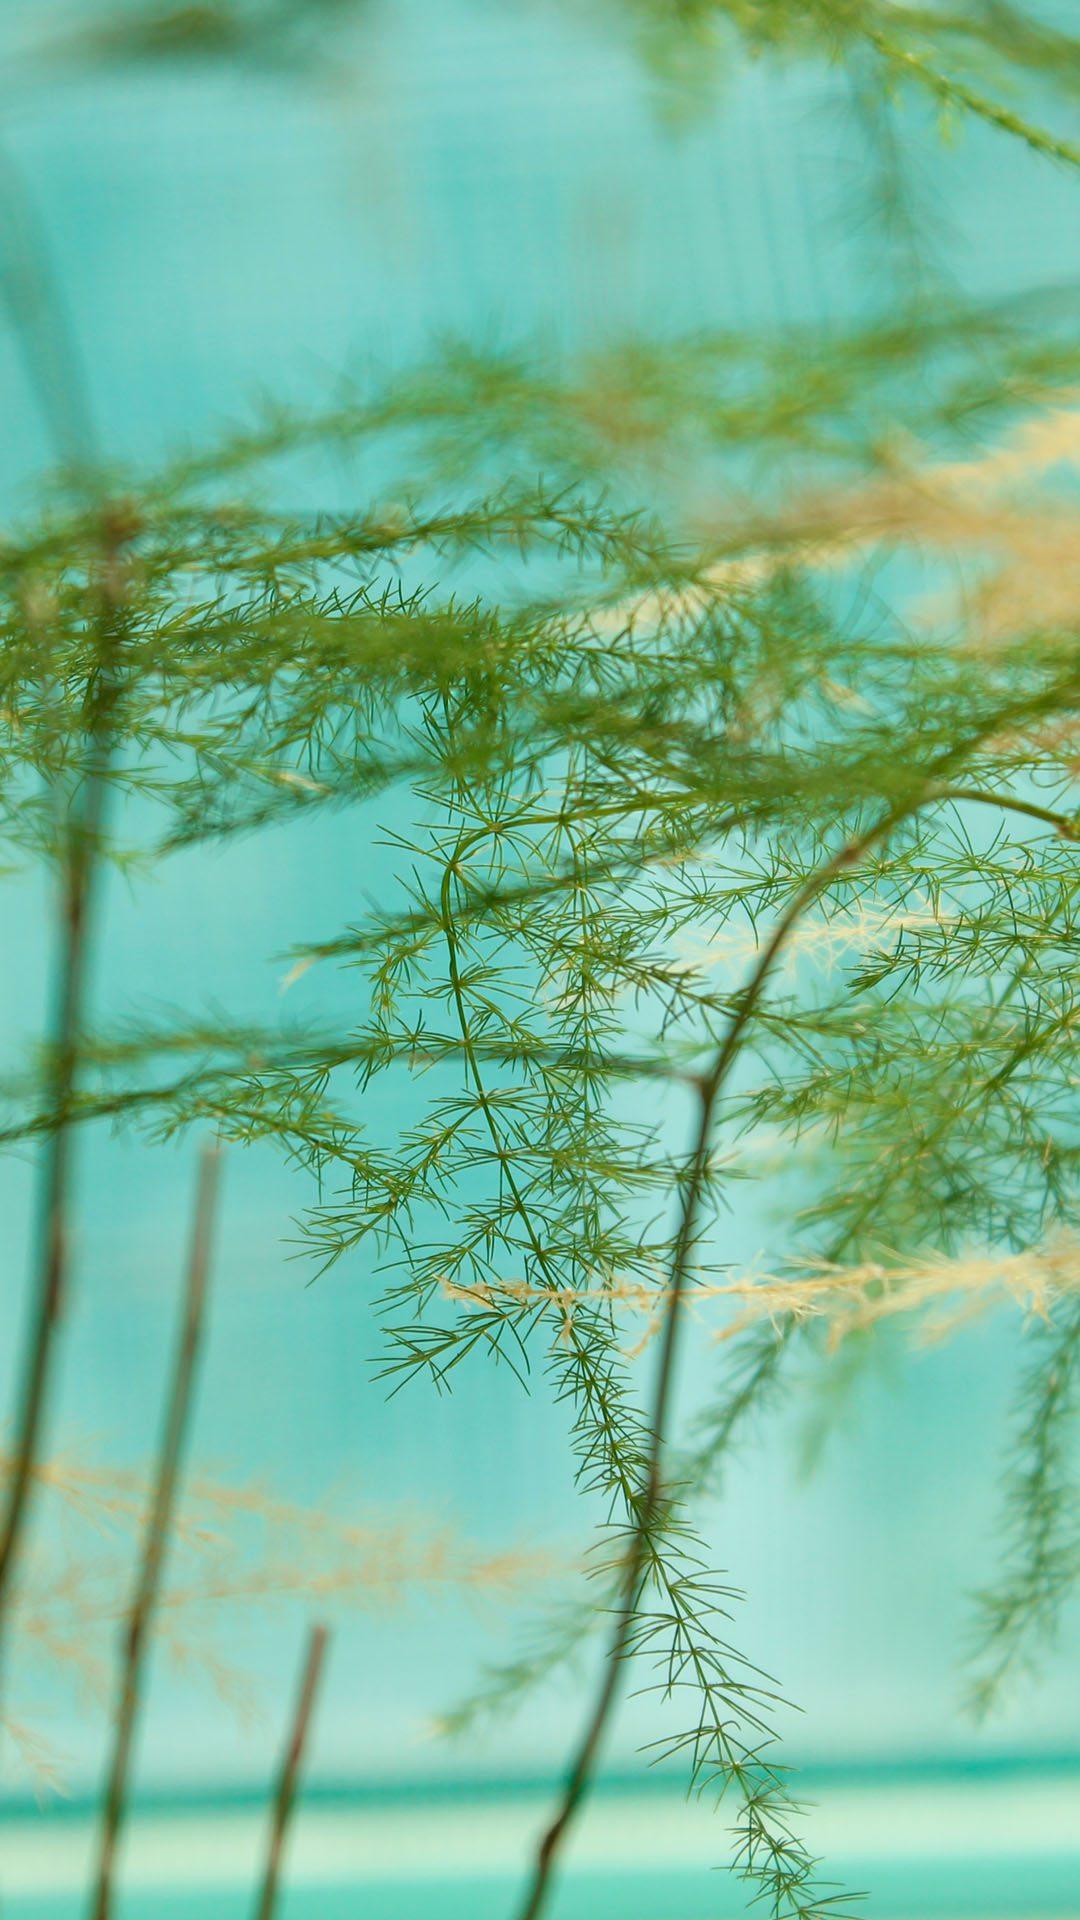 文竹手机壁纸图片-春季的文竹